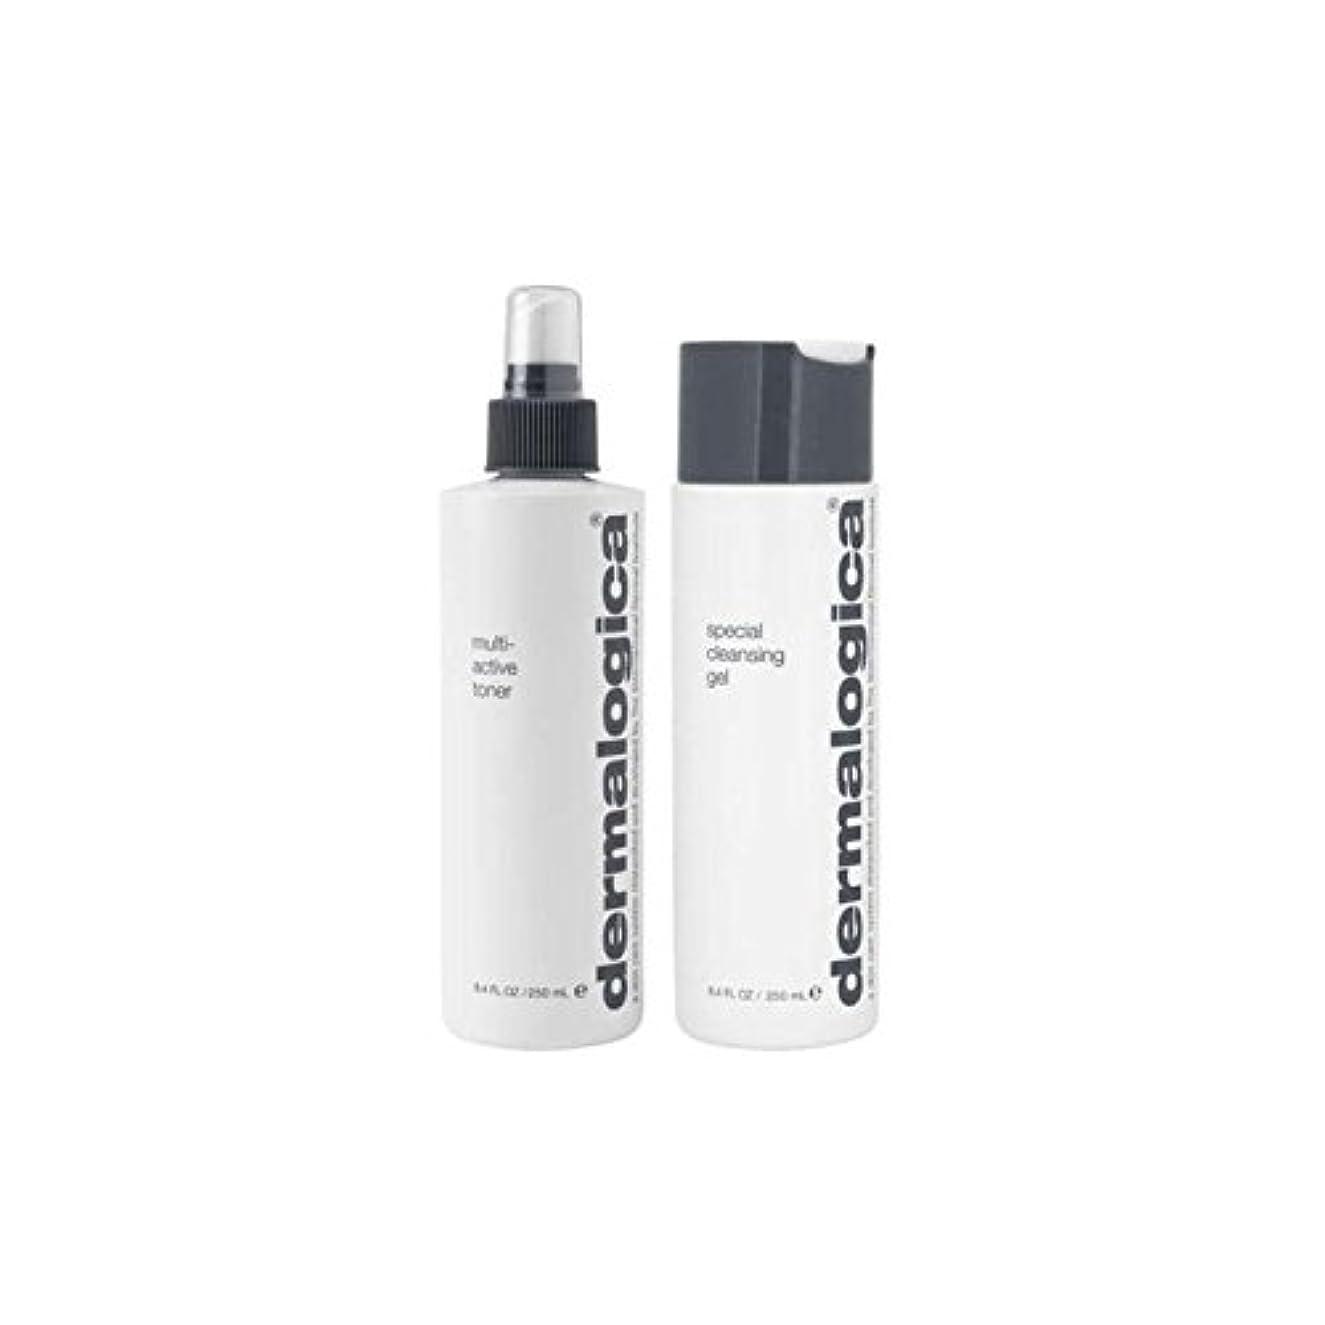 午後研磨ダッシュDermalogica Cleanse & Tone Duo - Normal/Dry Skin (2 Products) (Pack of 6) - ダーマロジカクレンジング&トーンデュオ - ノーマル/ドライスキン(...